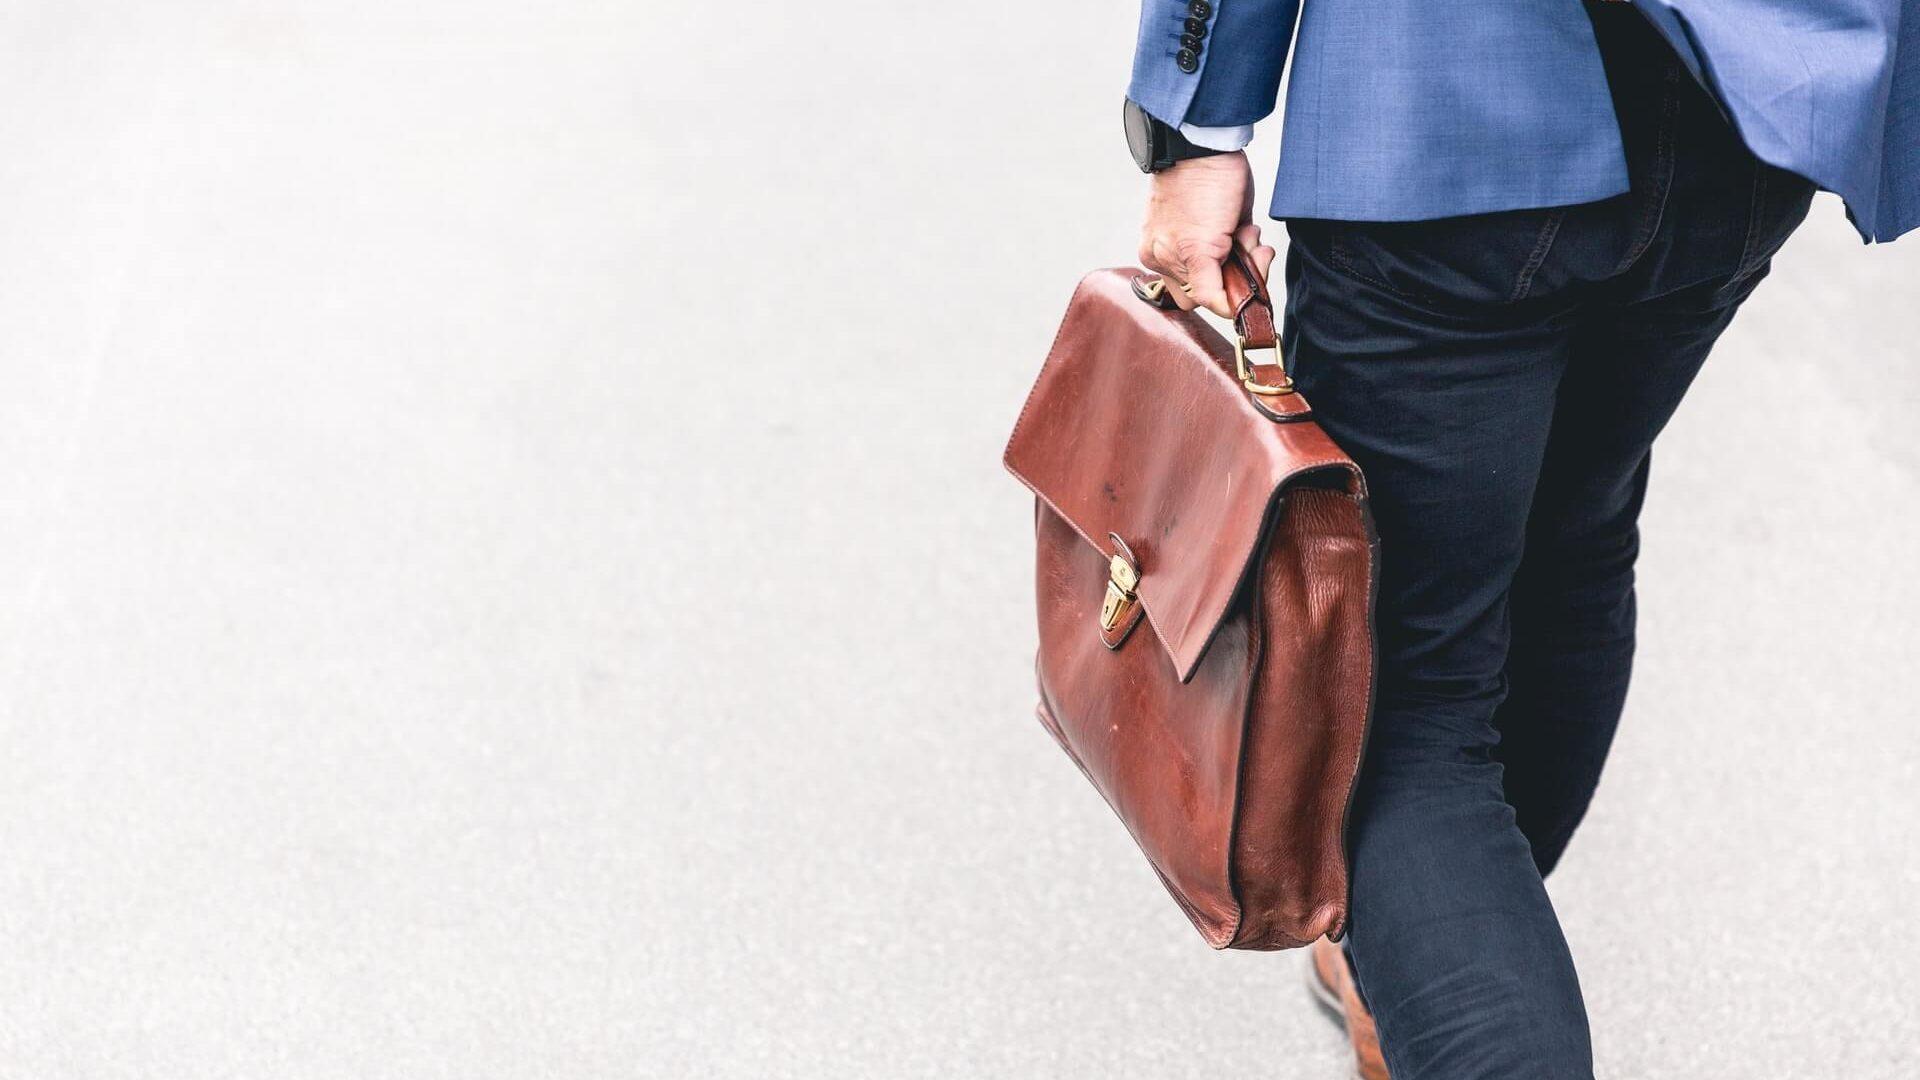 ビジネスバッグを持っている男性が歩いている